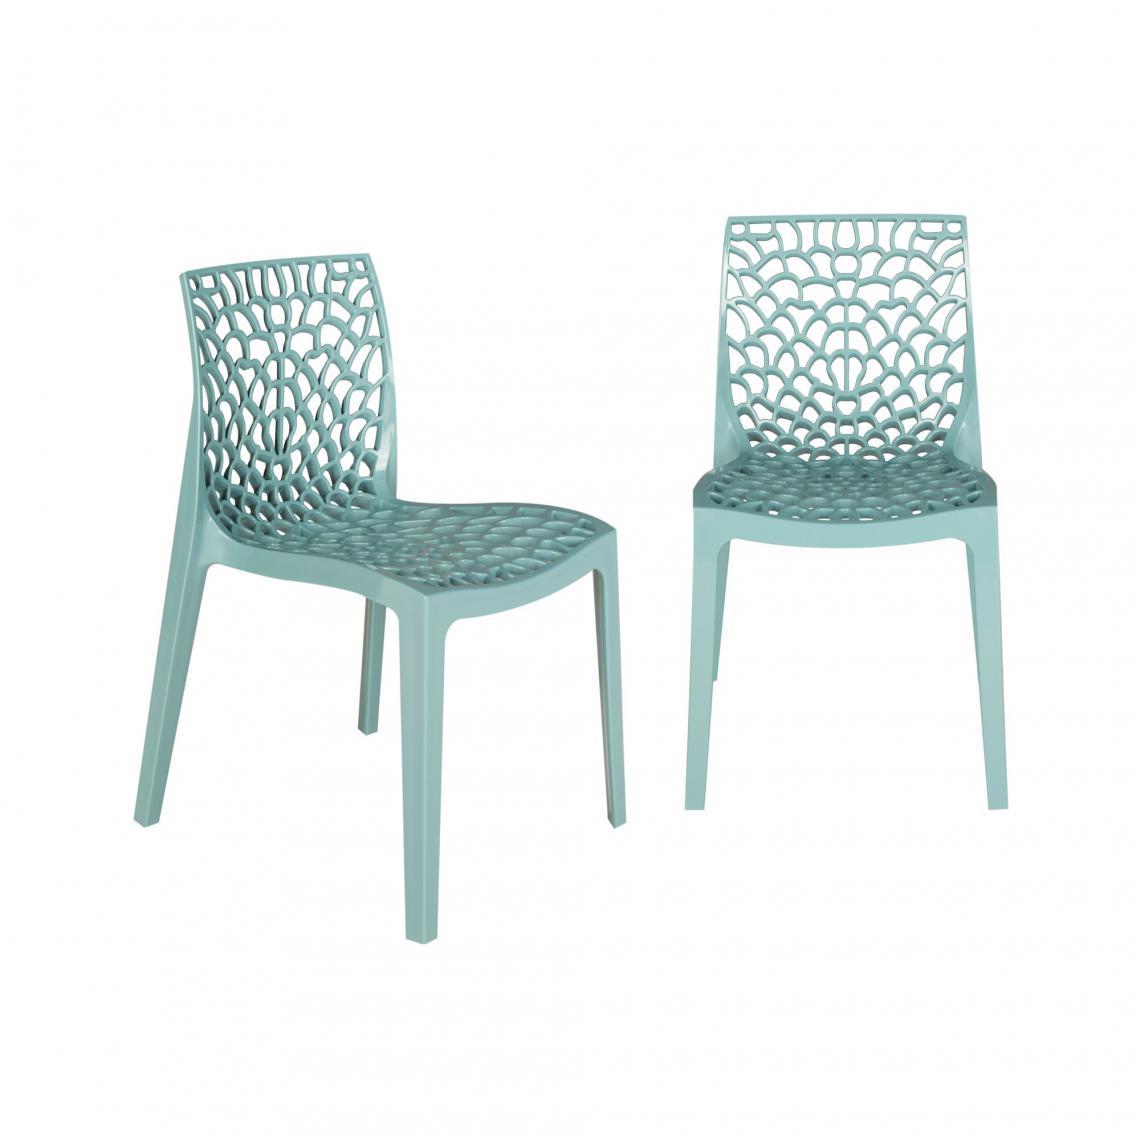 lot de 2 chaises design bleu ciel gruyer